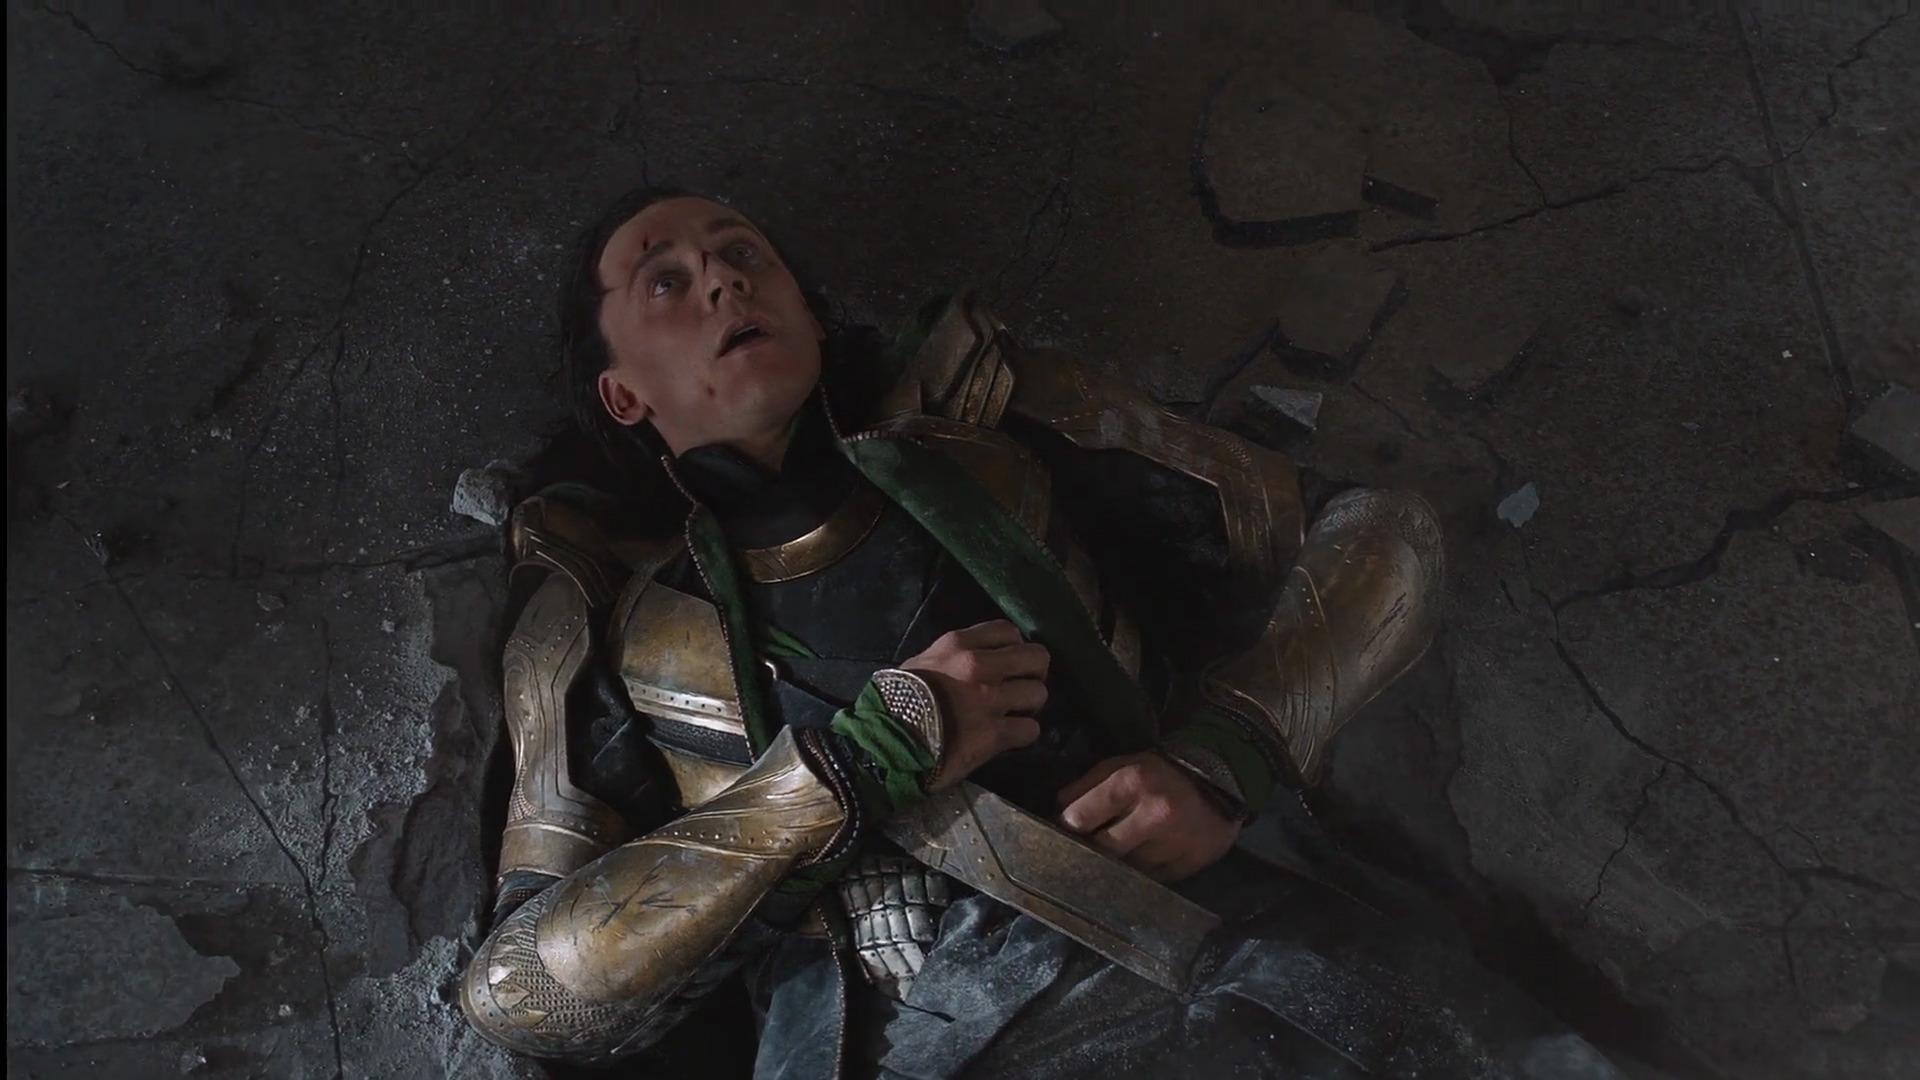 Hier sieht man ihn nach seinem ersten Aufeinandertreffen mit dem Hulk (Quelle: fanpop.com)